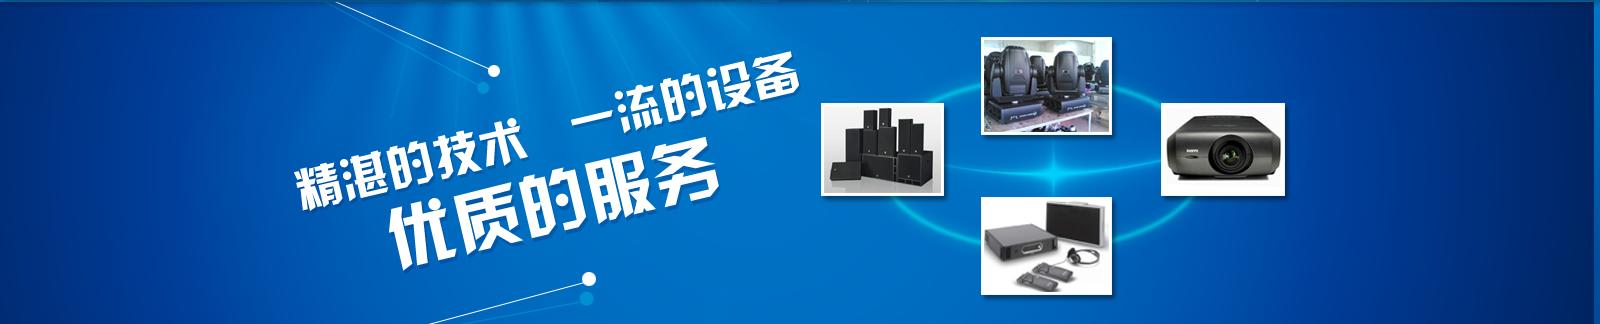 亚洲城备用网址,www.yzc88.cc,ca88亚洲城娱乐最新备用网址下载_上海LED租赁